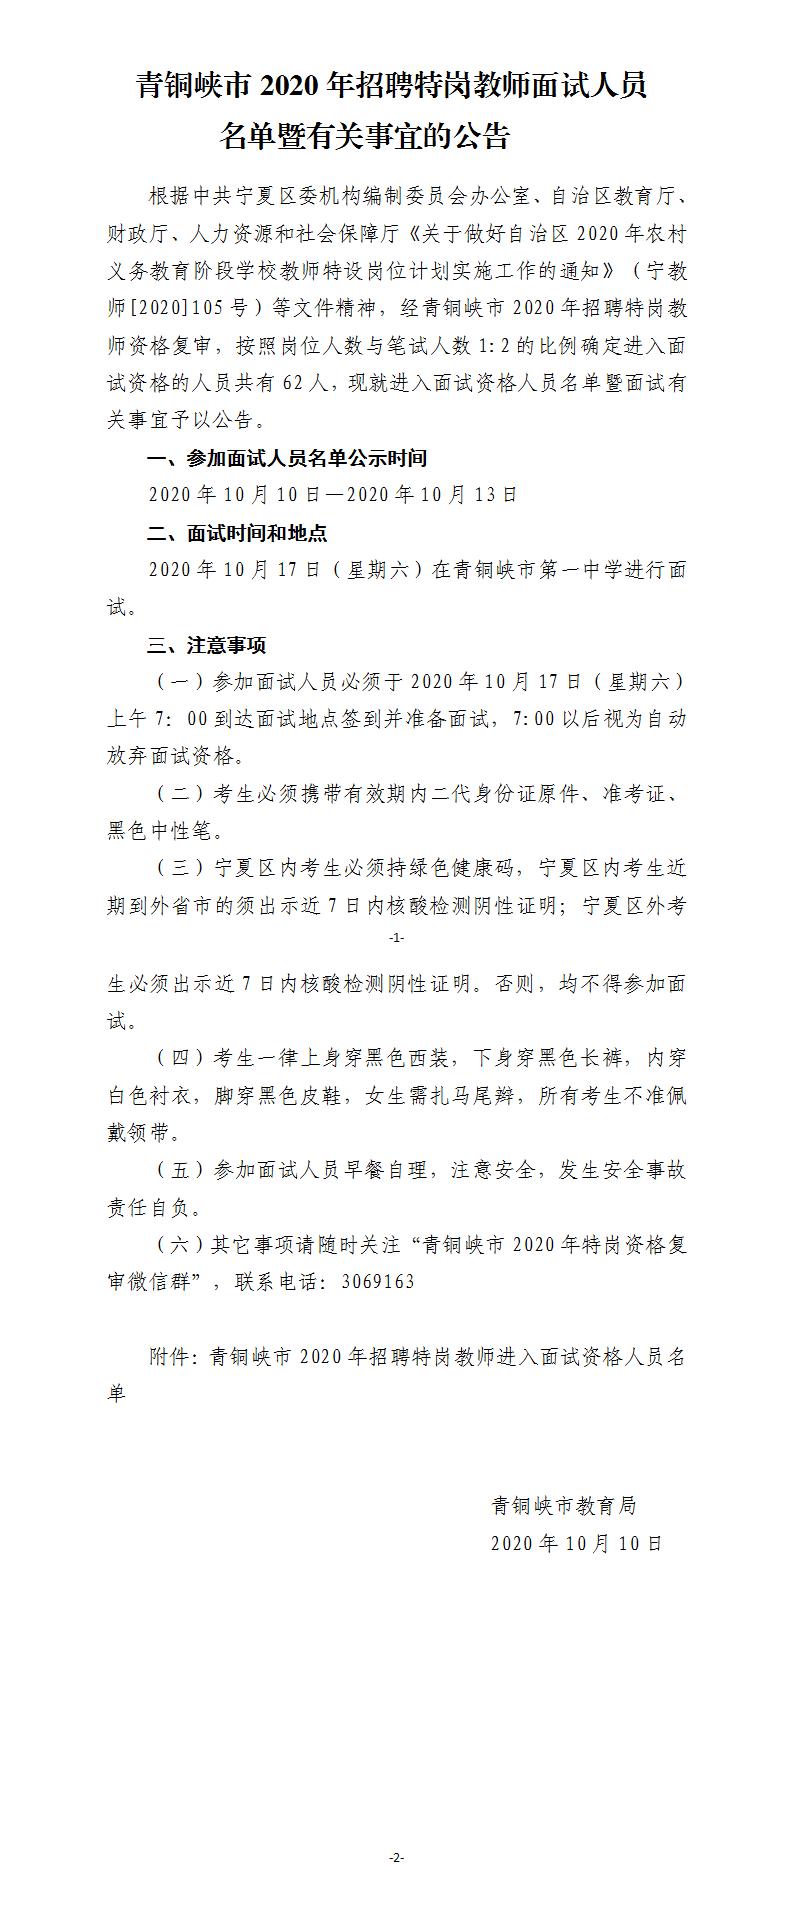 2020宁夏青铜峡市招聘特岗教师面试人员名单暨有关事宜的公告